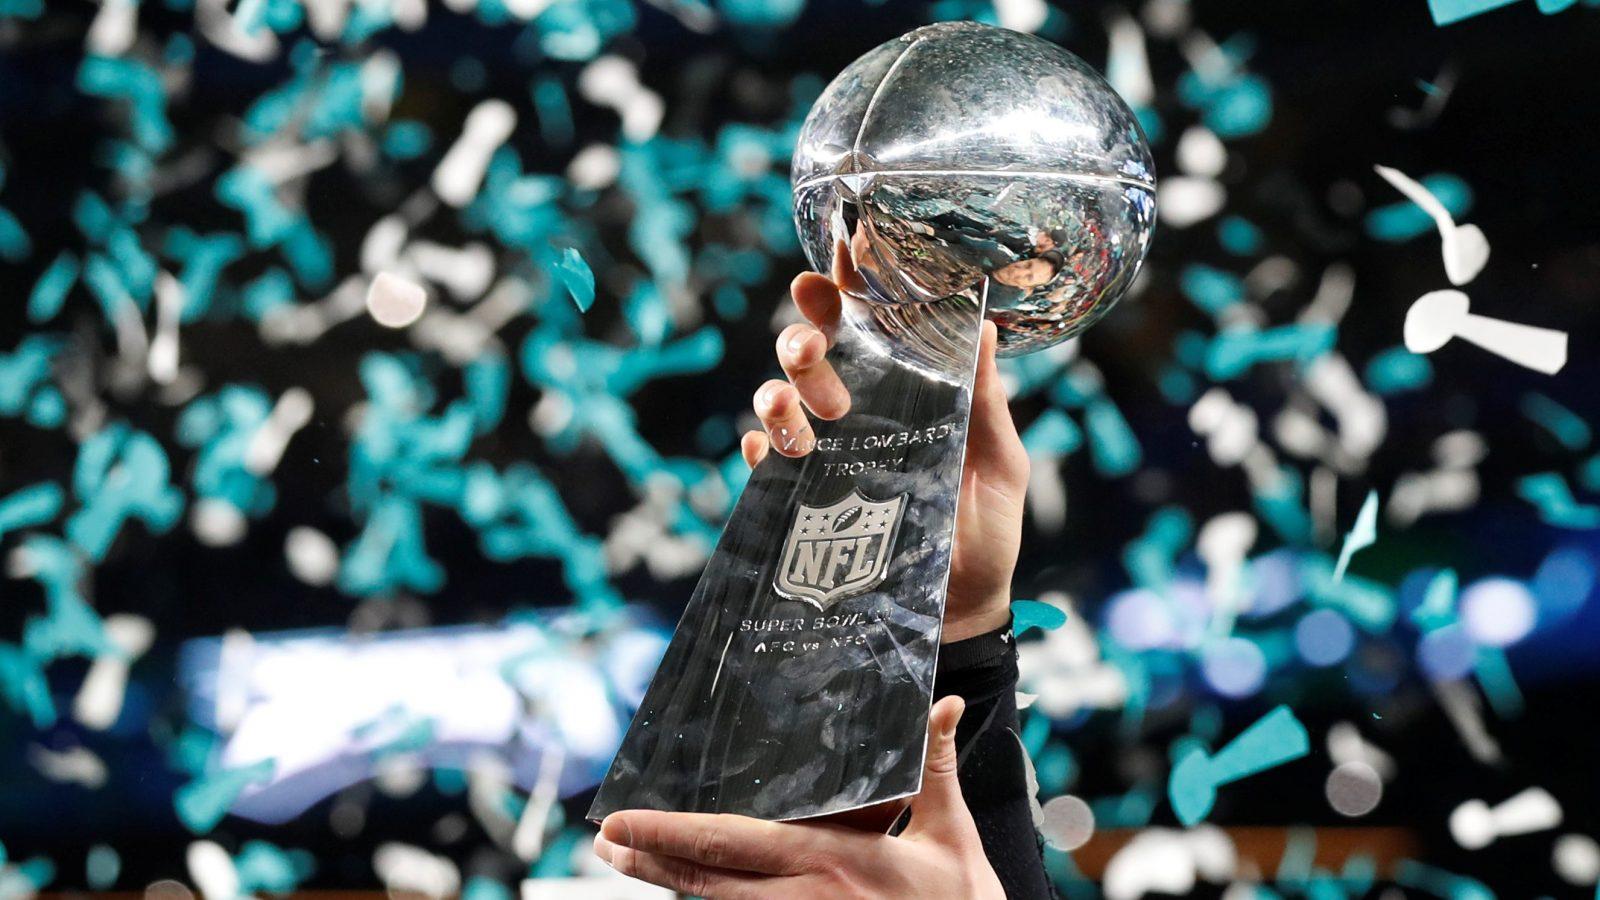 Guía para saber de futbol americano y disfrutar el Super Bowl sin ser experto